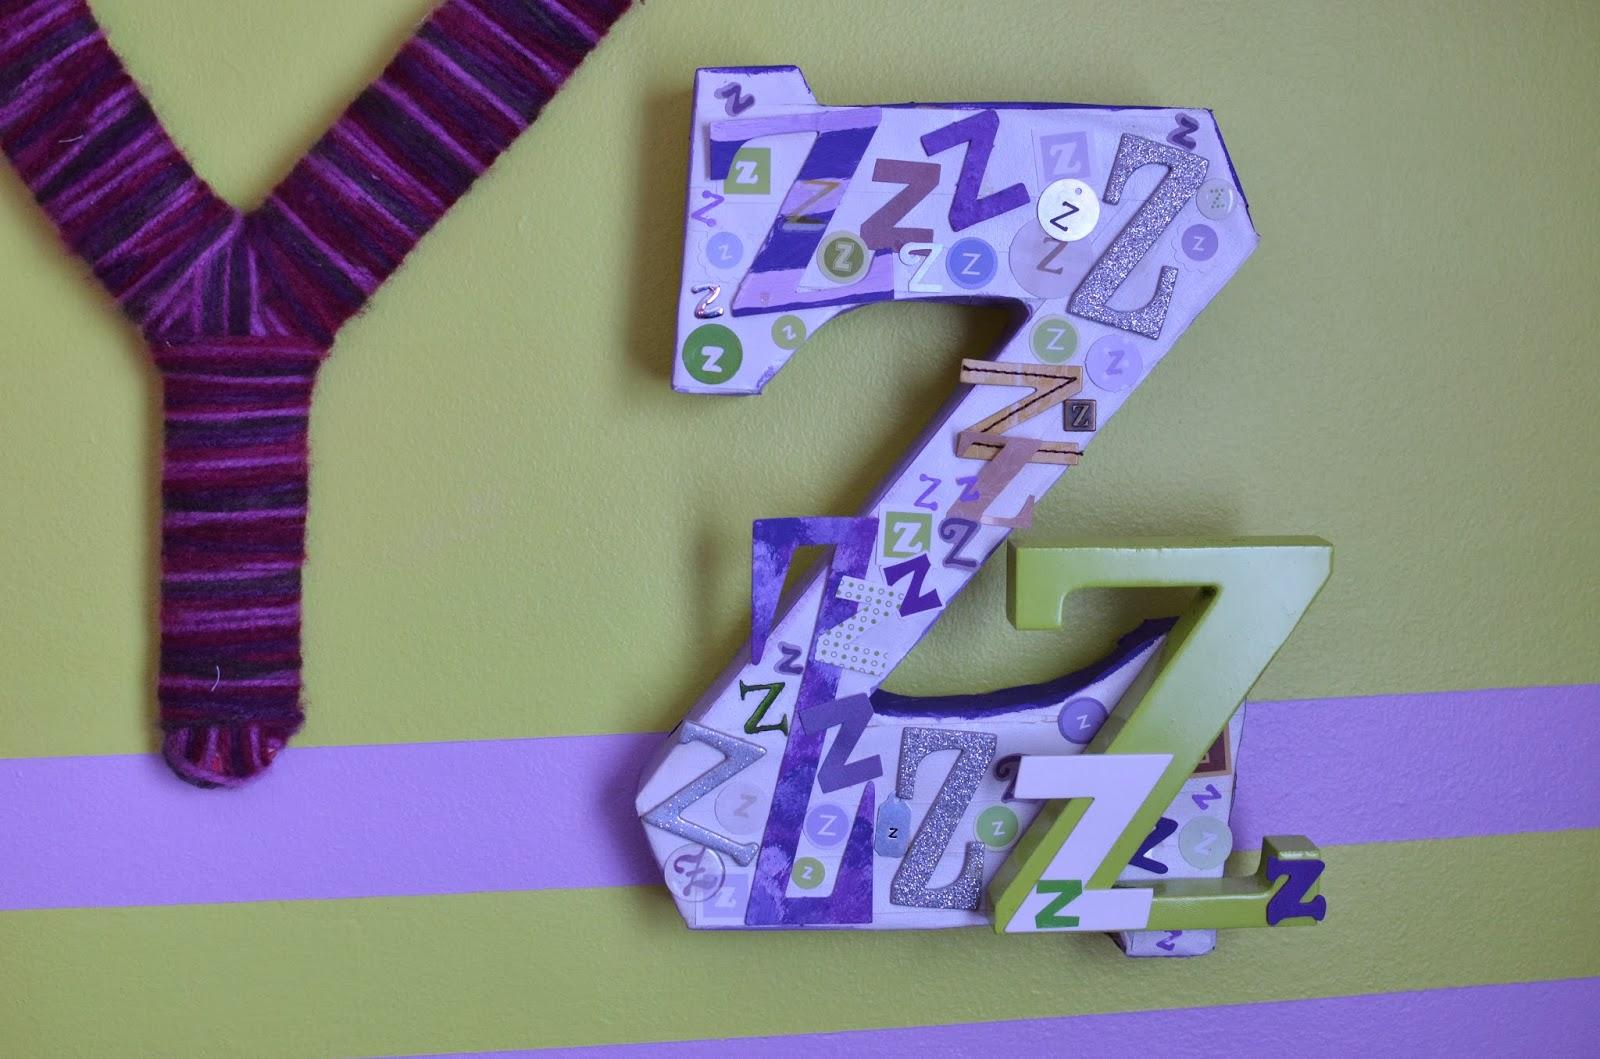 Diy Alphabet Wall Decor : Mega monkey mash diy eclectic alphabet wall art part